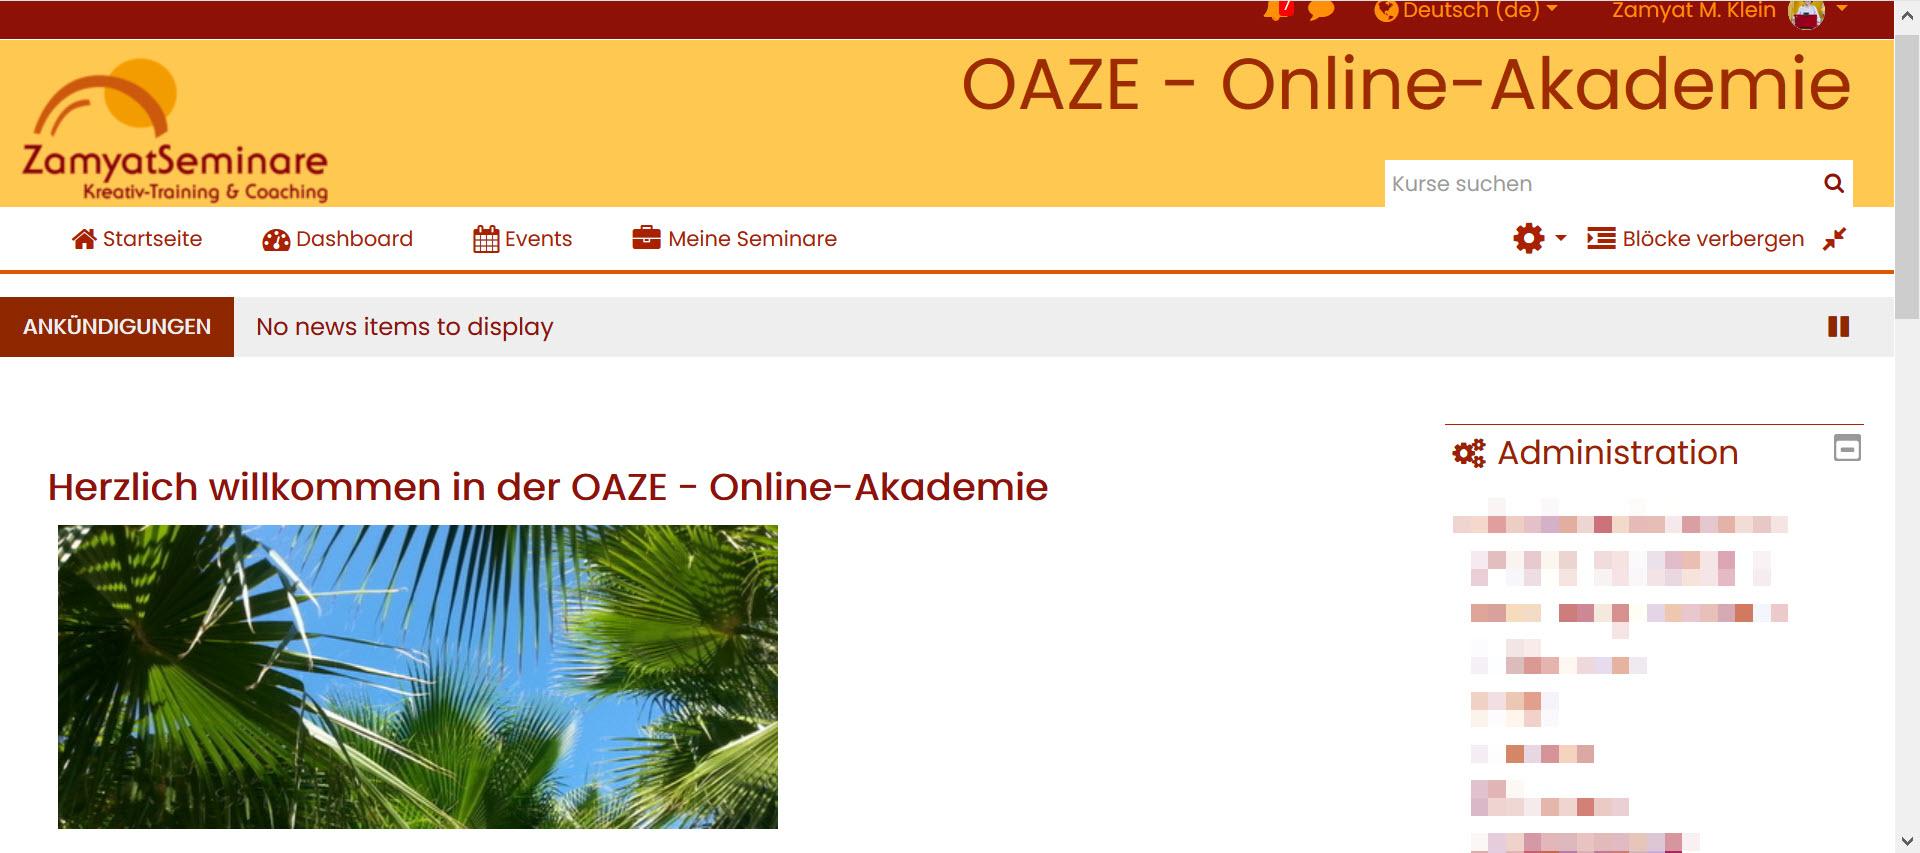 Online-Arbeiten in einem Forum oder LMS (Lern-Management-System)